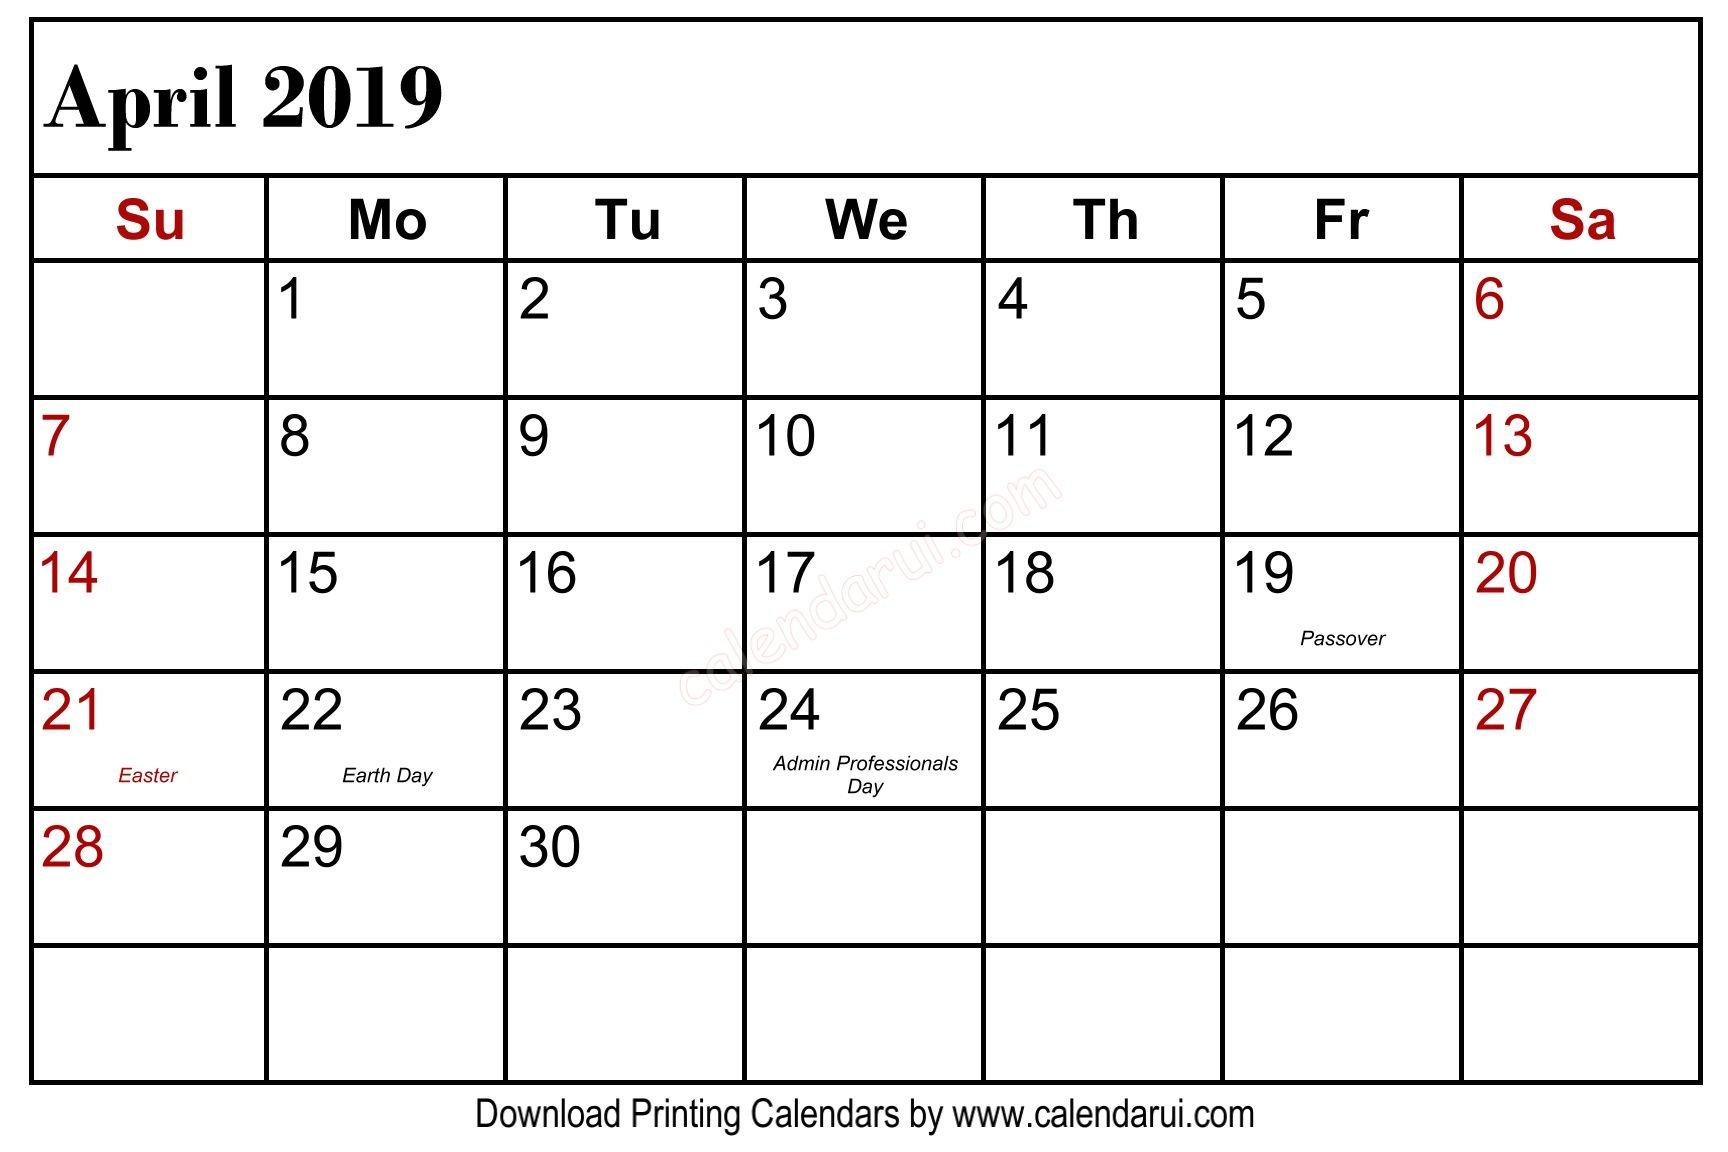 April 2019 Calendar Holidays USA Public Holidays 1